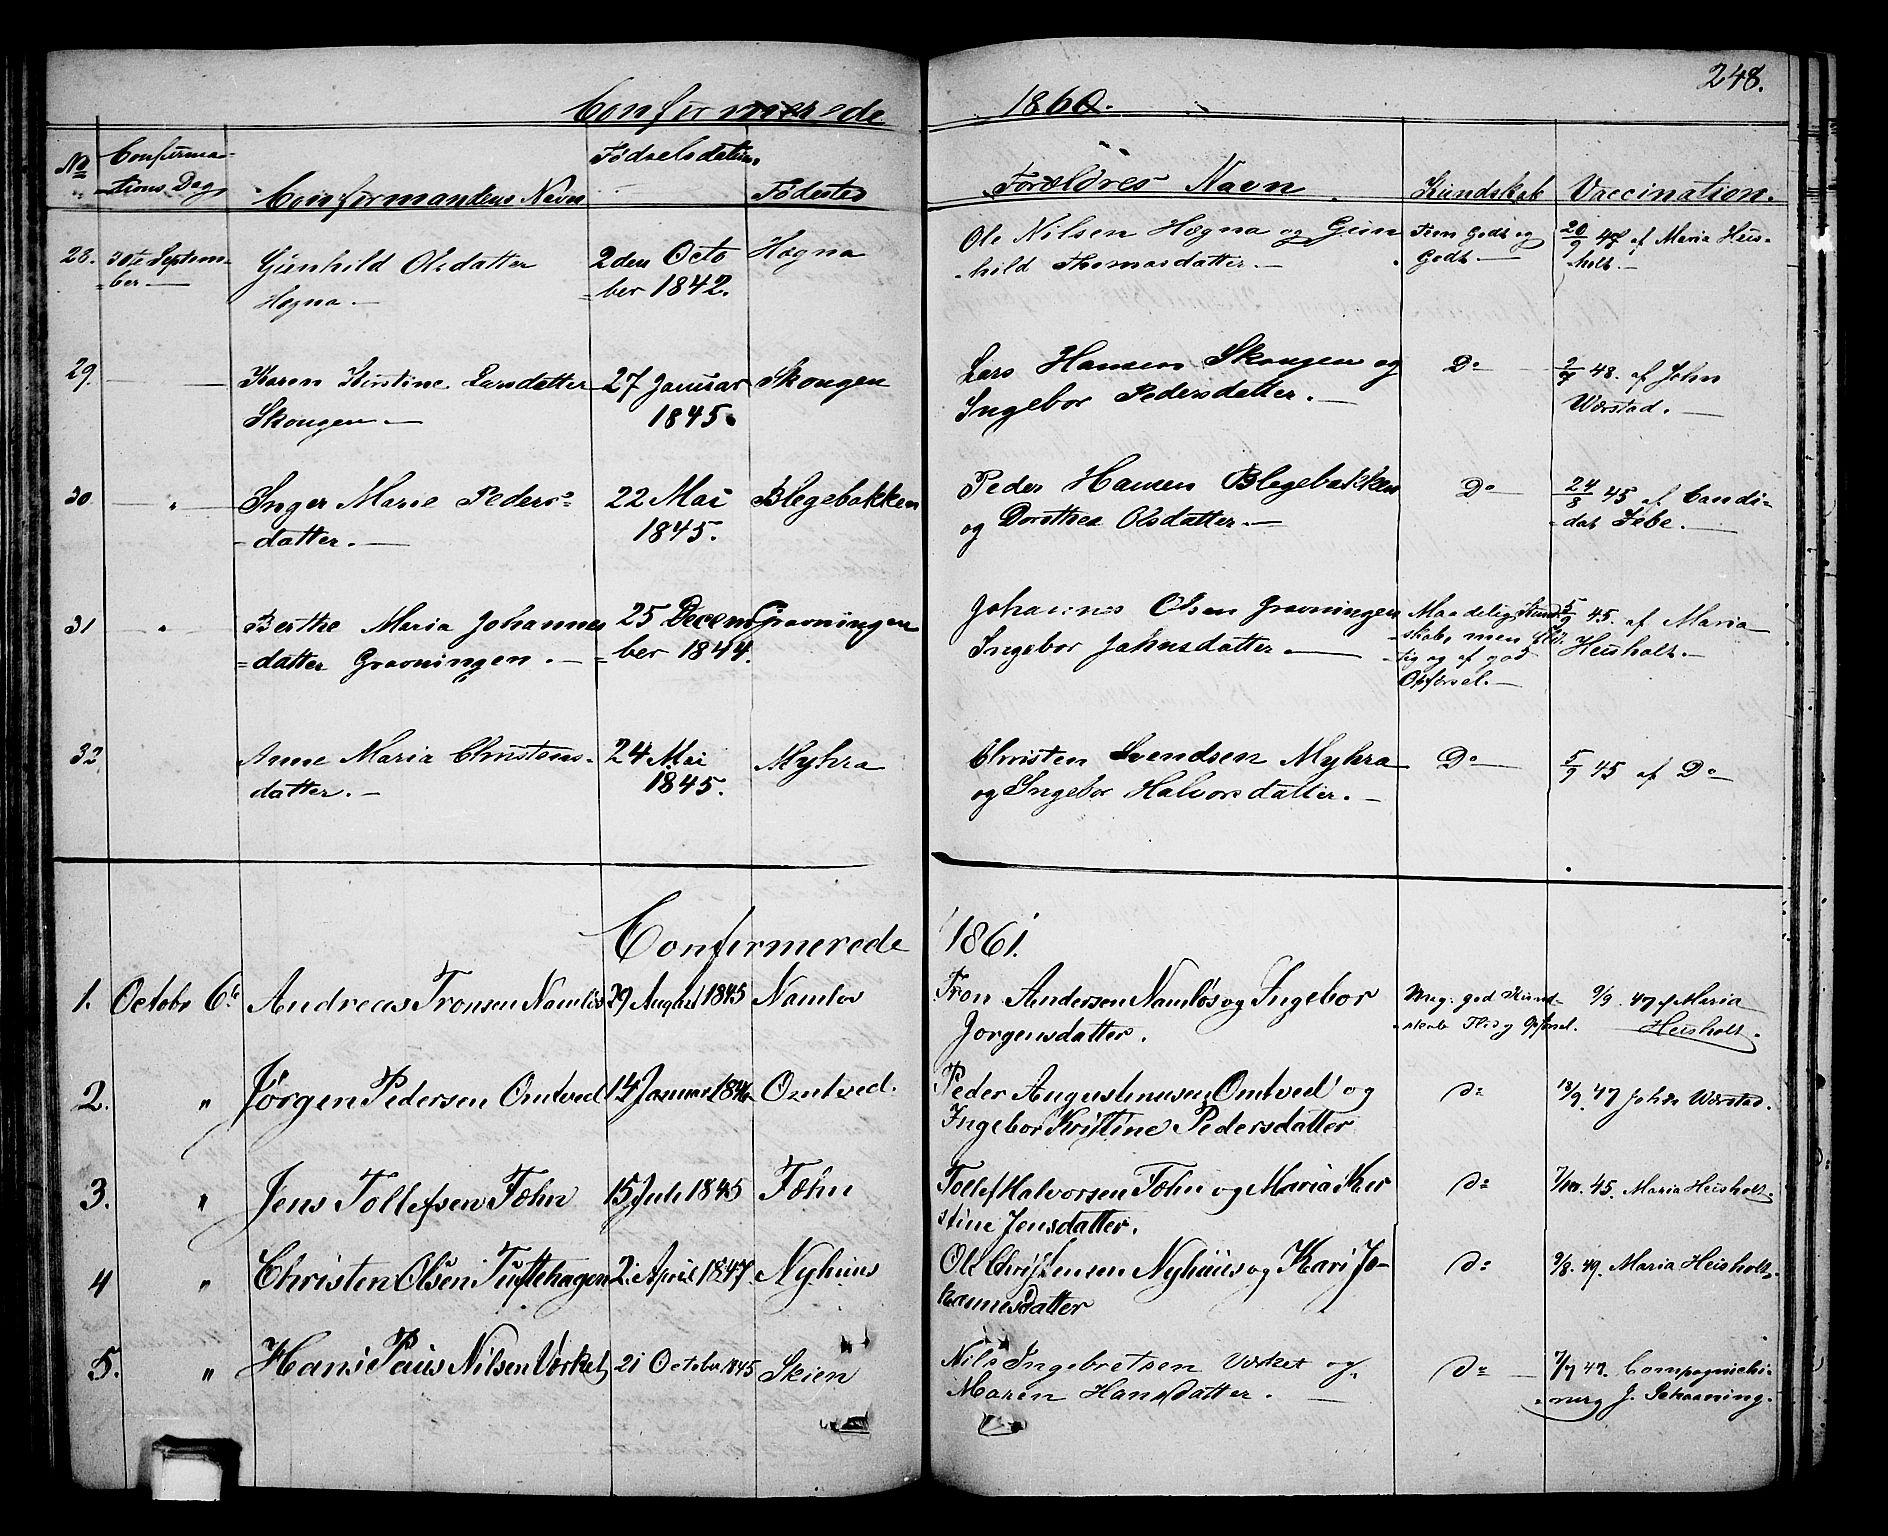 SAKO, Holla kirkebøker, G/Ga/L0003: Klokkerbok nr. I 3, 1849-1866, s. 248